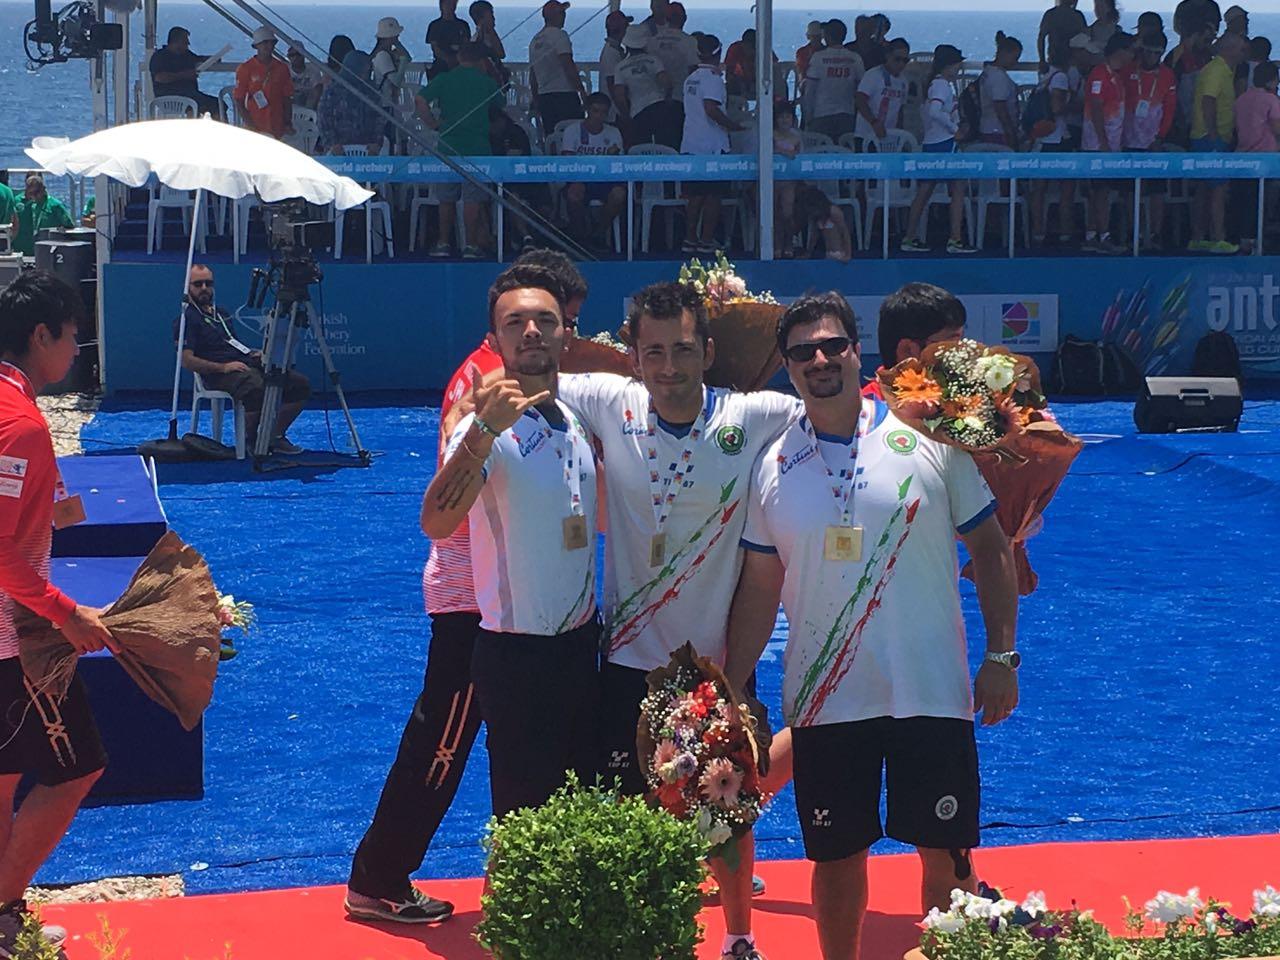 La Nazionale di Tiro con l'arco vince un altro oro alla Word Cup di Antalya 2017 in Turchia